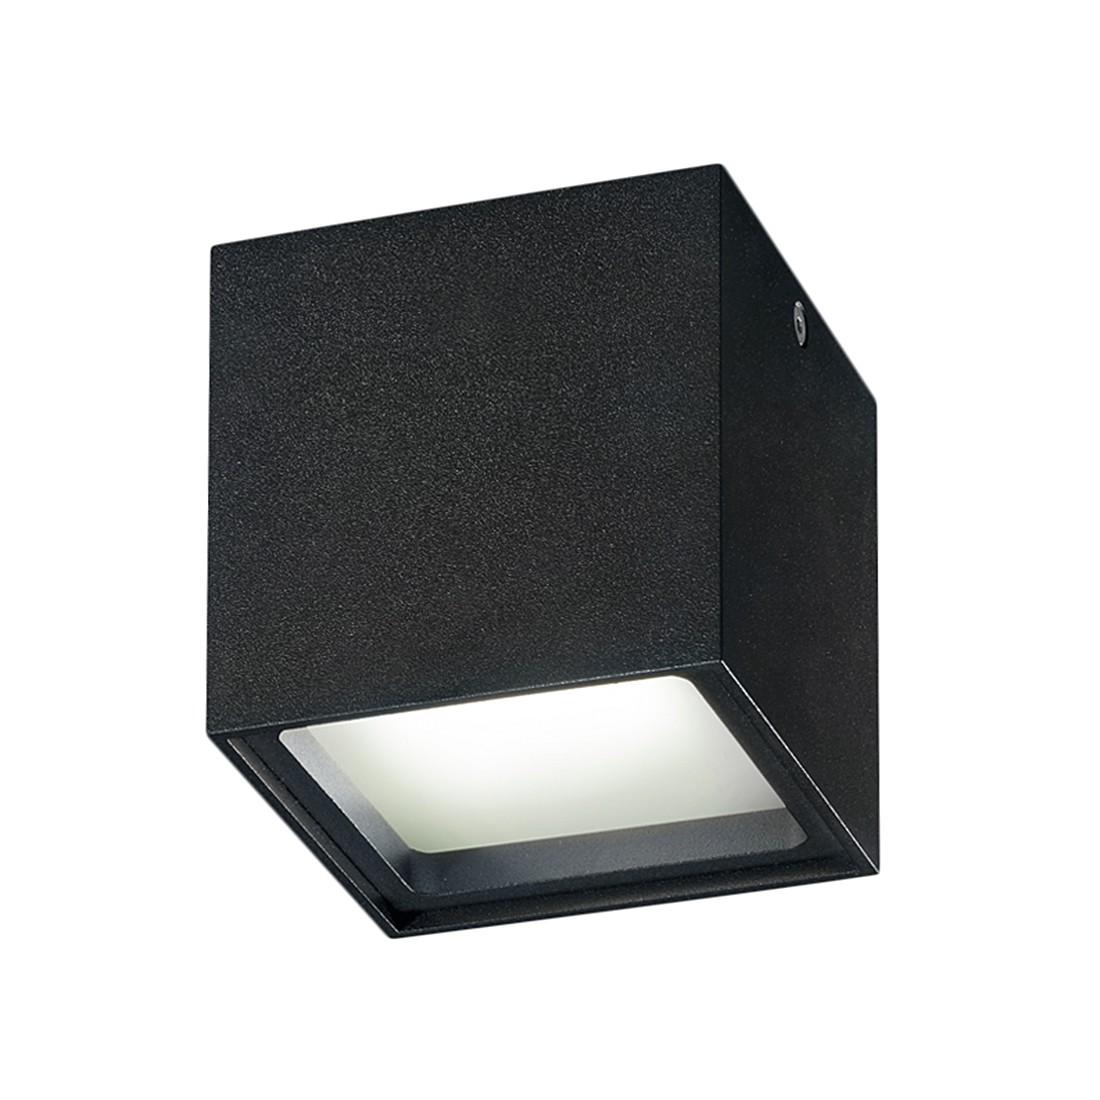 deckenleuchte siri led metall schwarz helestra a online kaufen. Black Bedroom Furniture Sets. Home Design Ideas